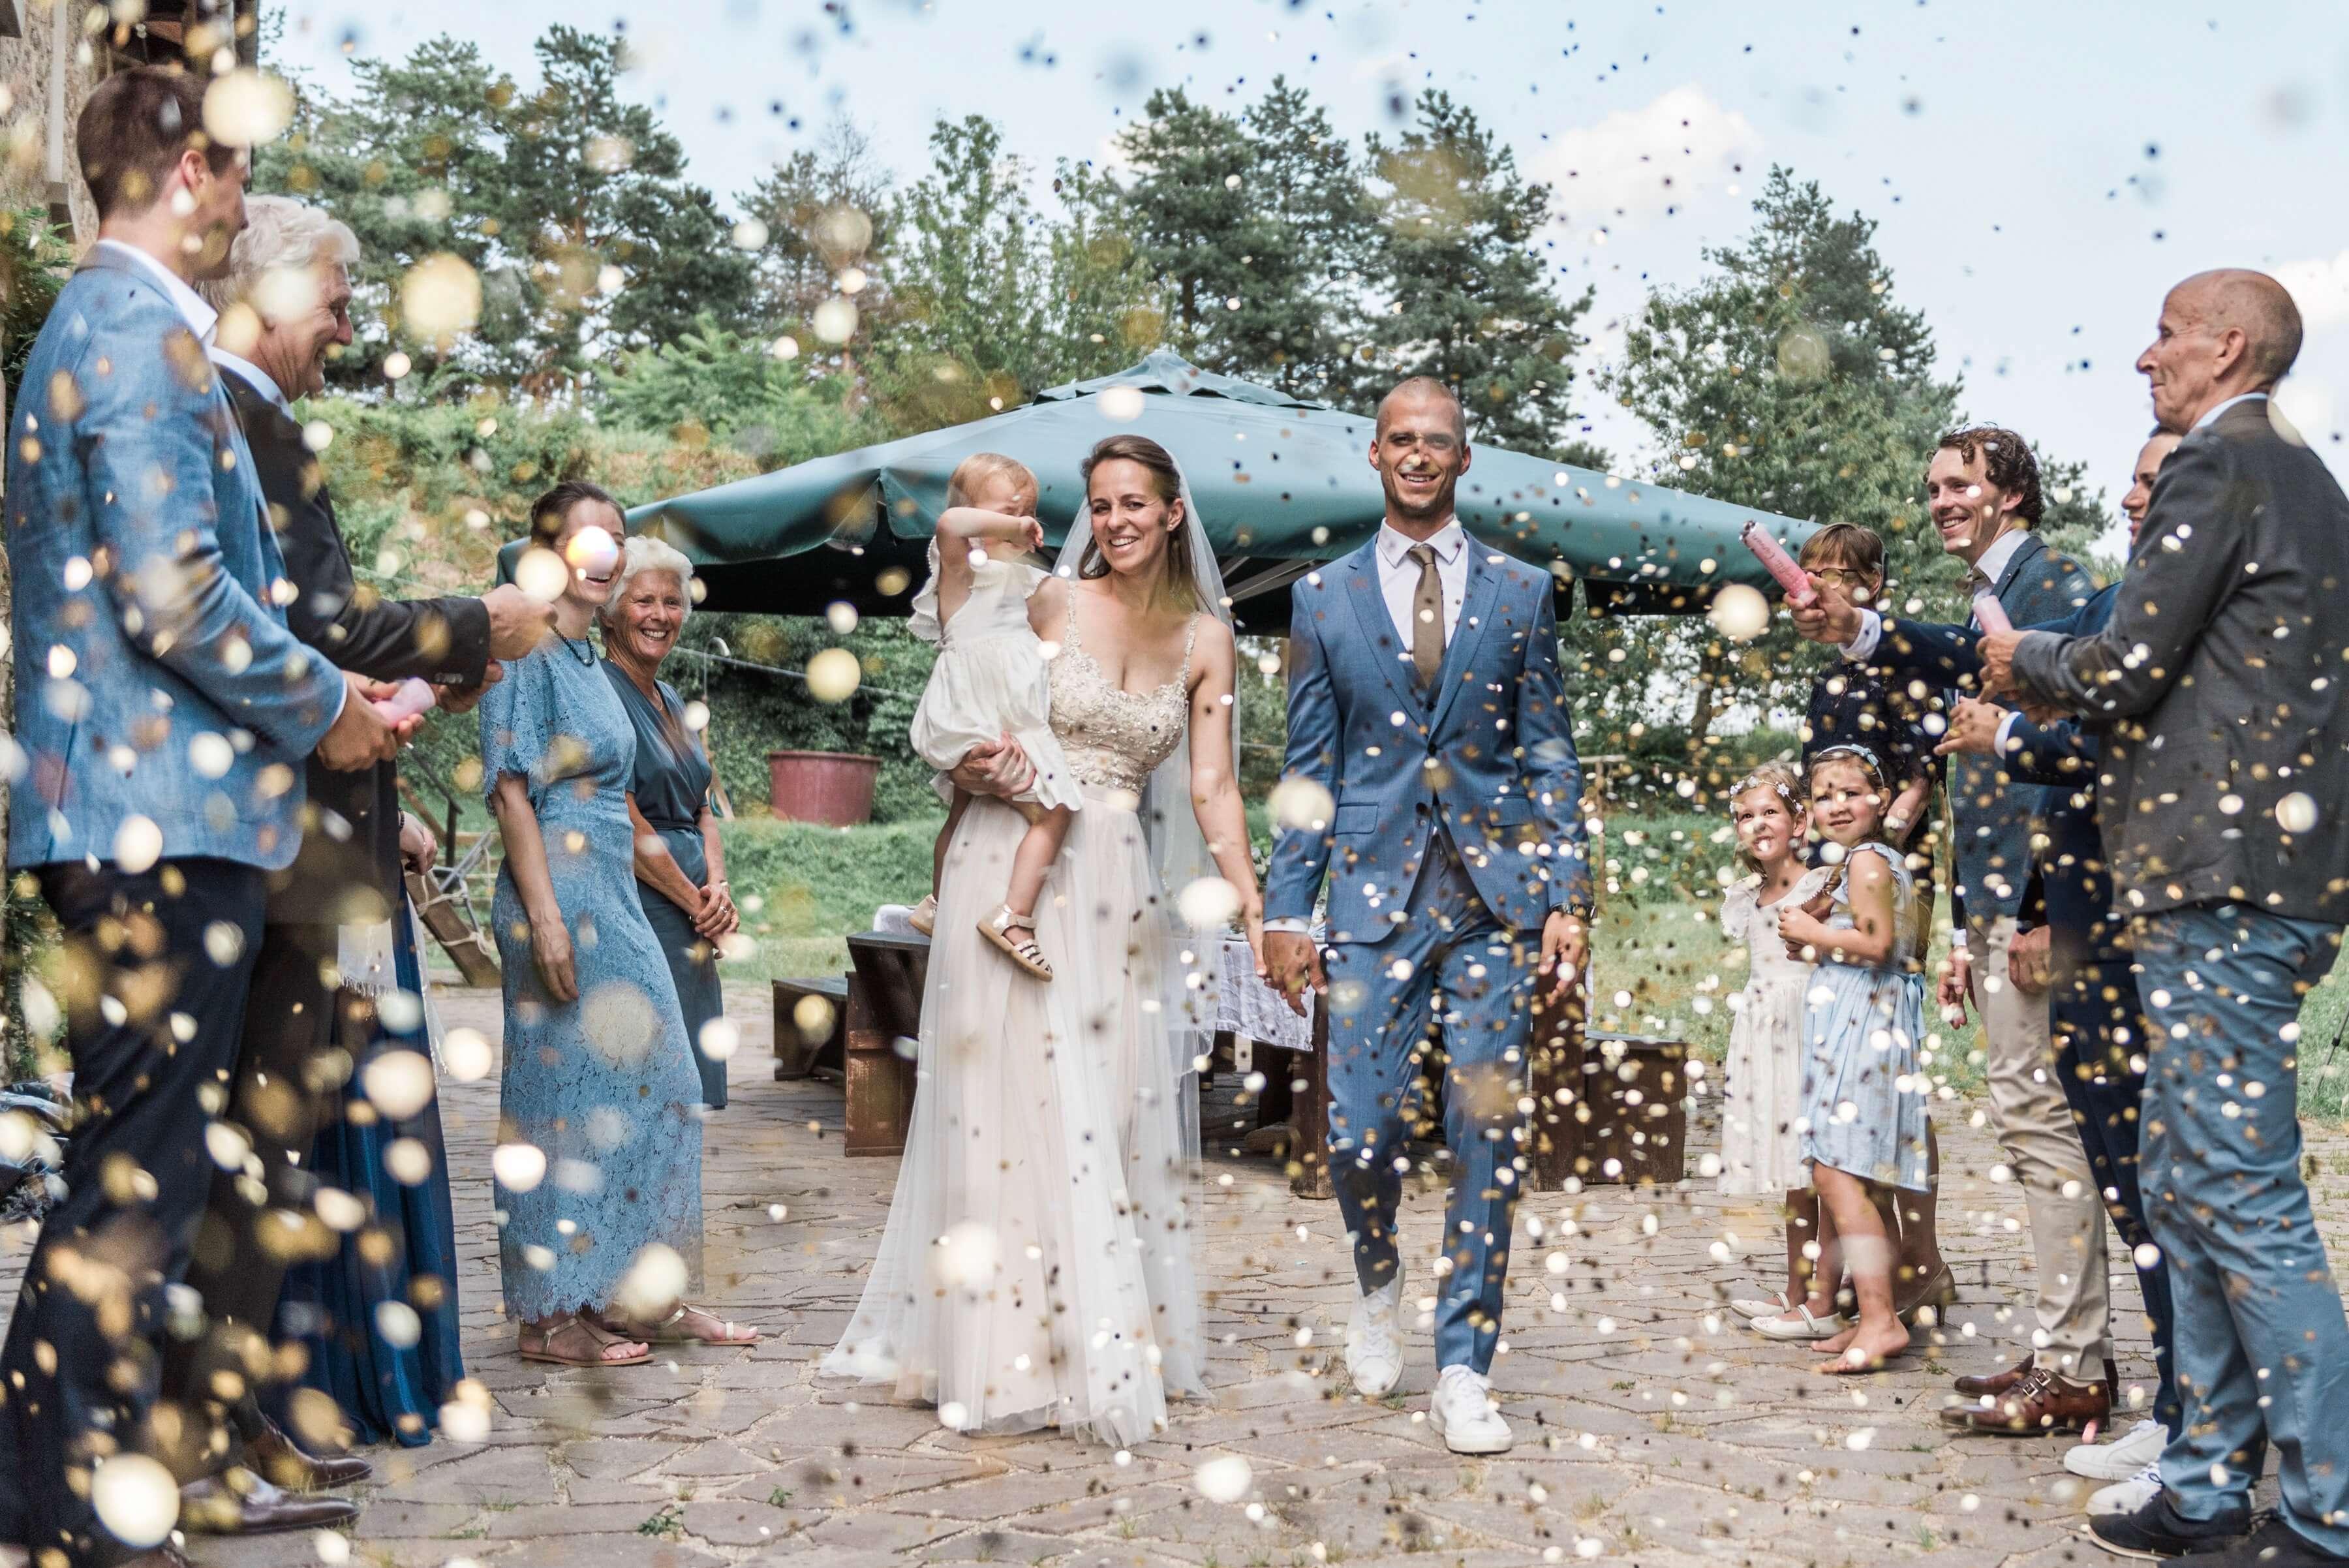 Wat-is-een-destination-wedding-en-5-redenen-waarom-je-voor-een-bruiloft-in-het-buitenland-zou-kiezen